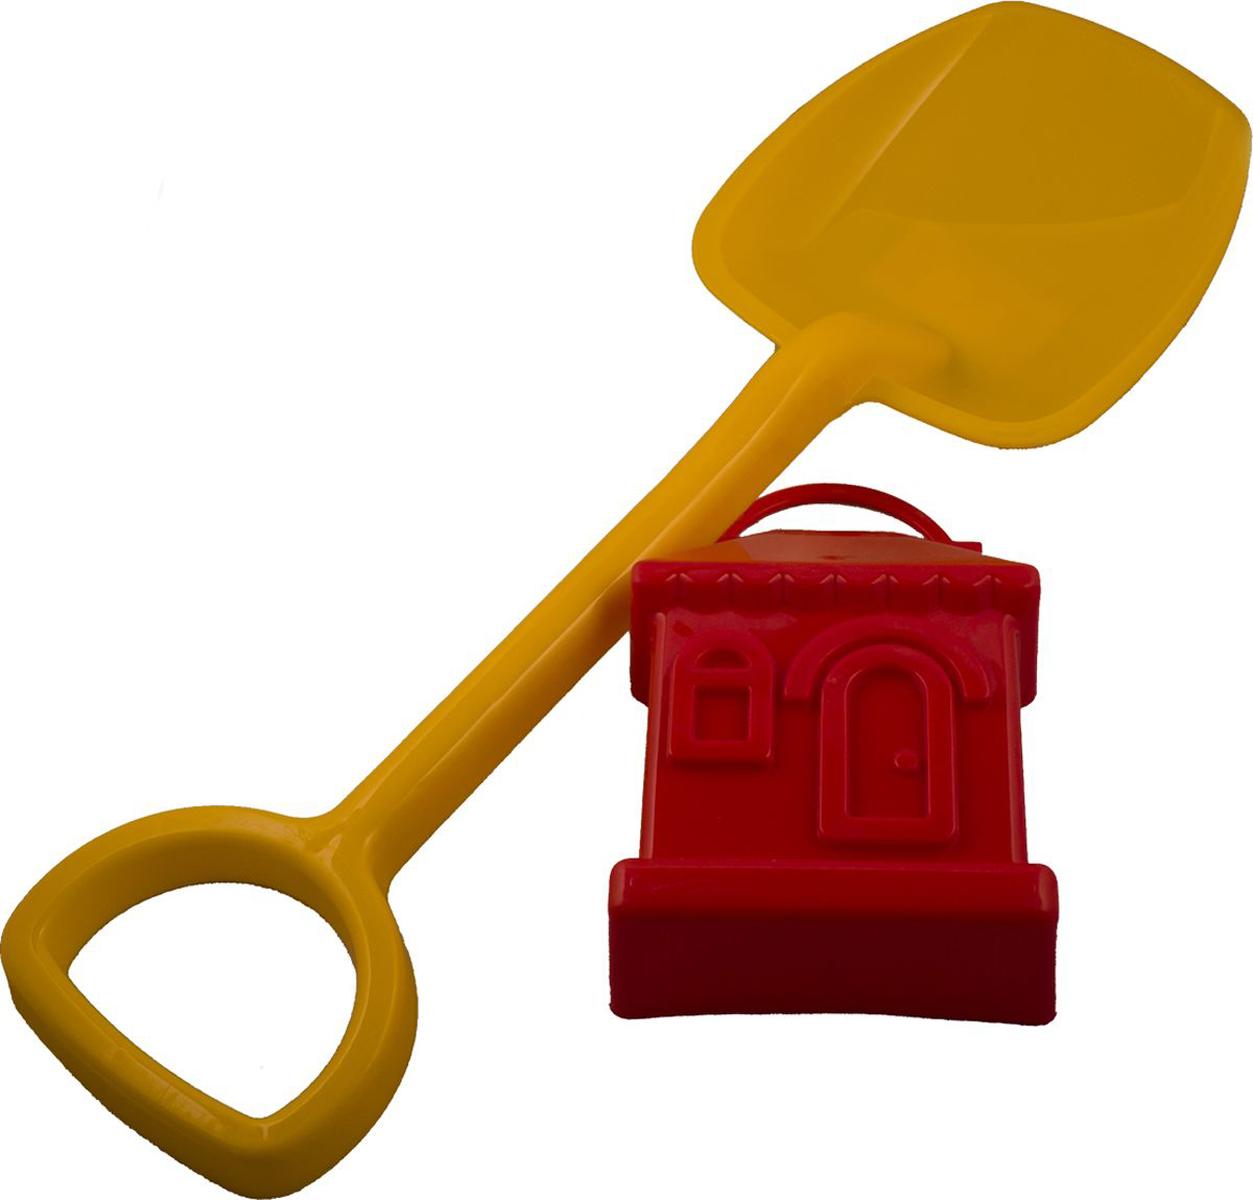 Новокузнецкий завод пластмасс Лопатка 48 см + формочка Домик цвет желтый красный